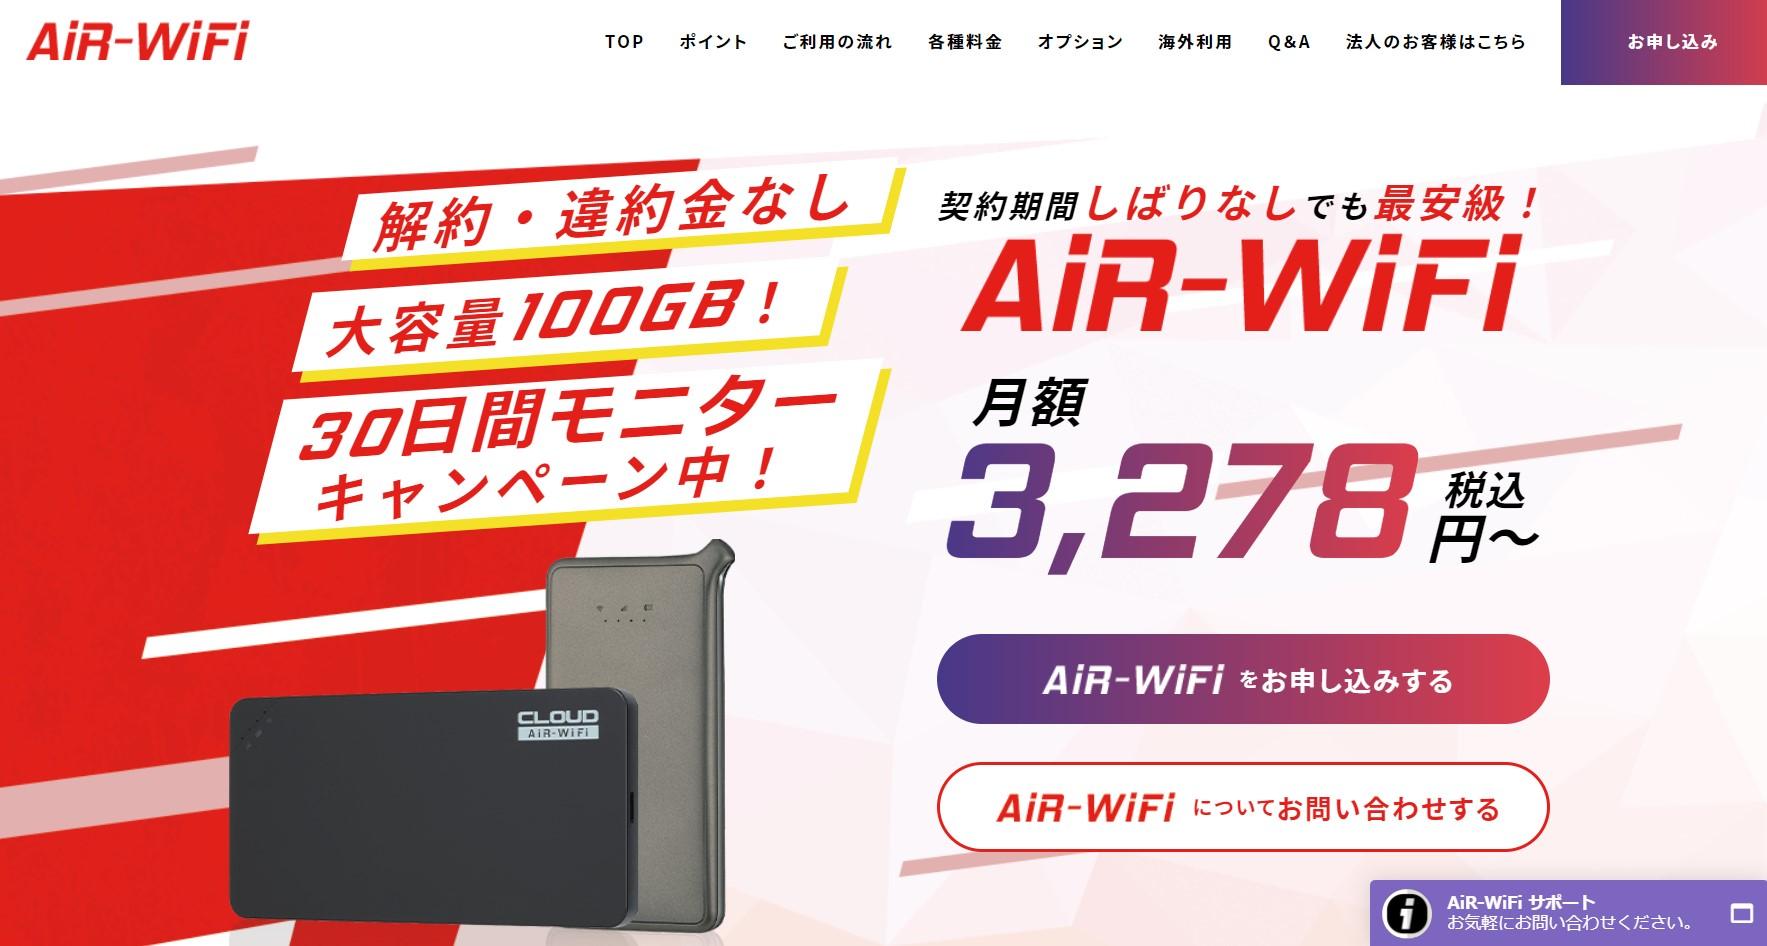 AiR-WiFi公式サイト